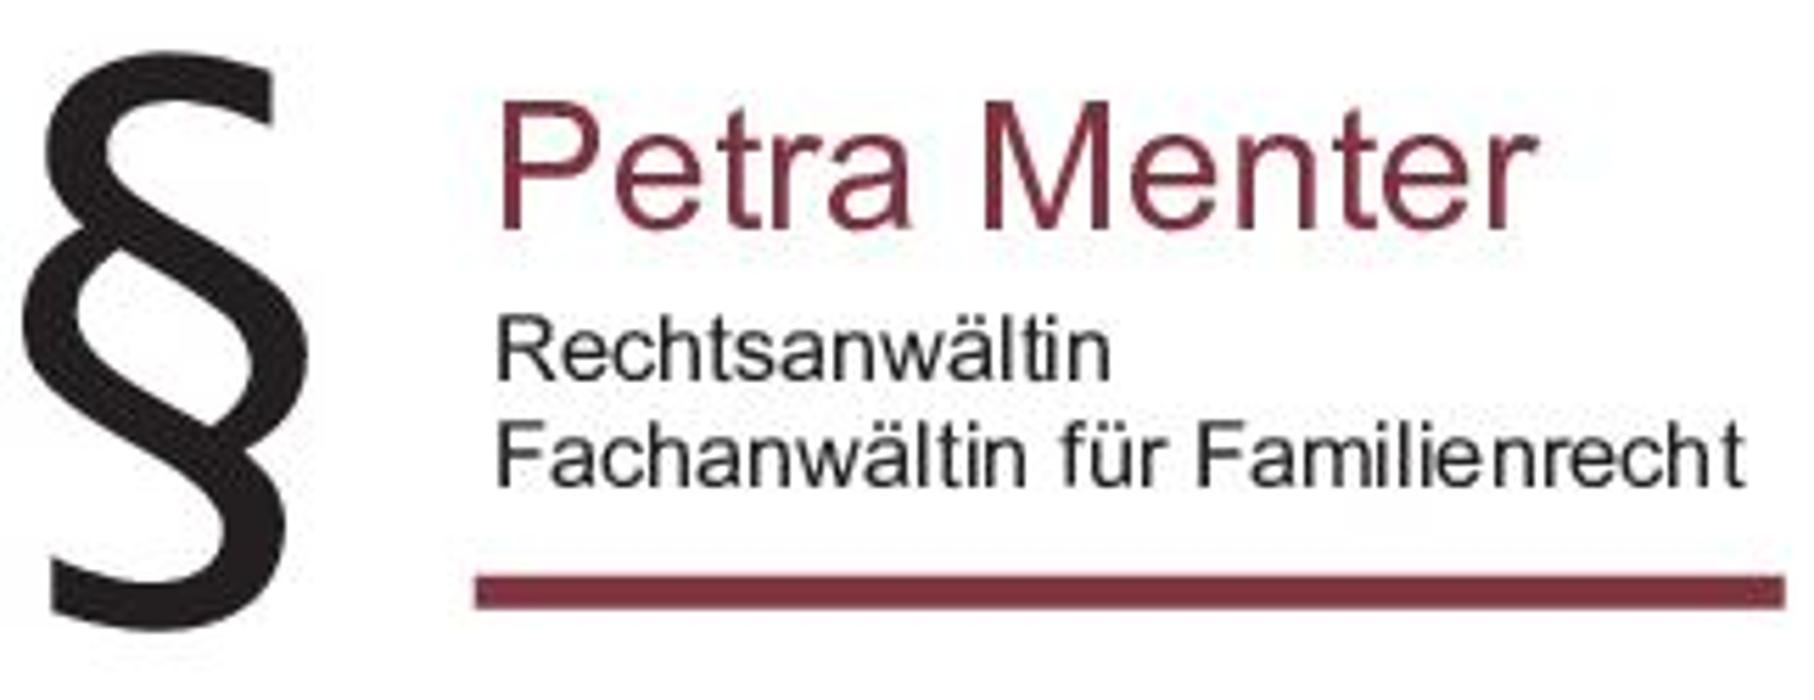 Bild zu Menter Petra Rechtsanwältin in Landshut